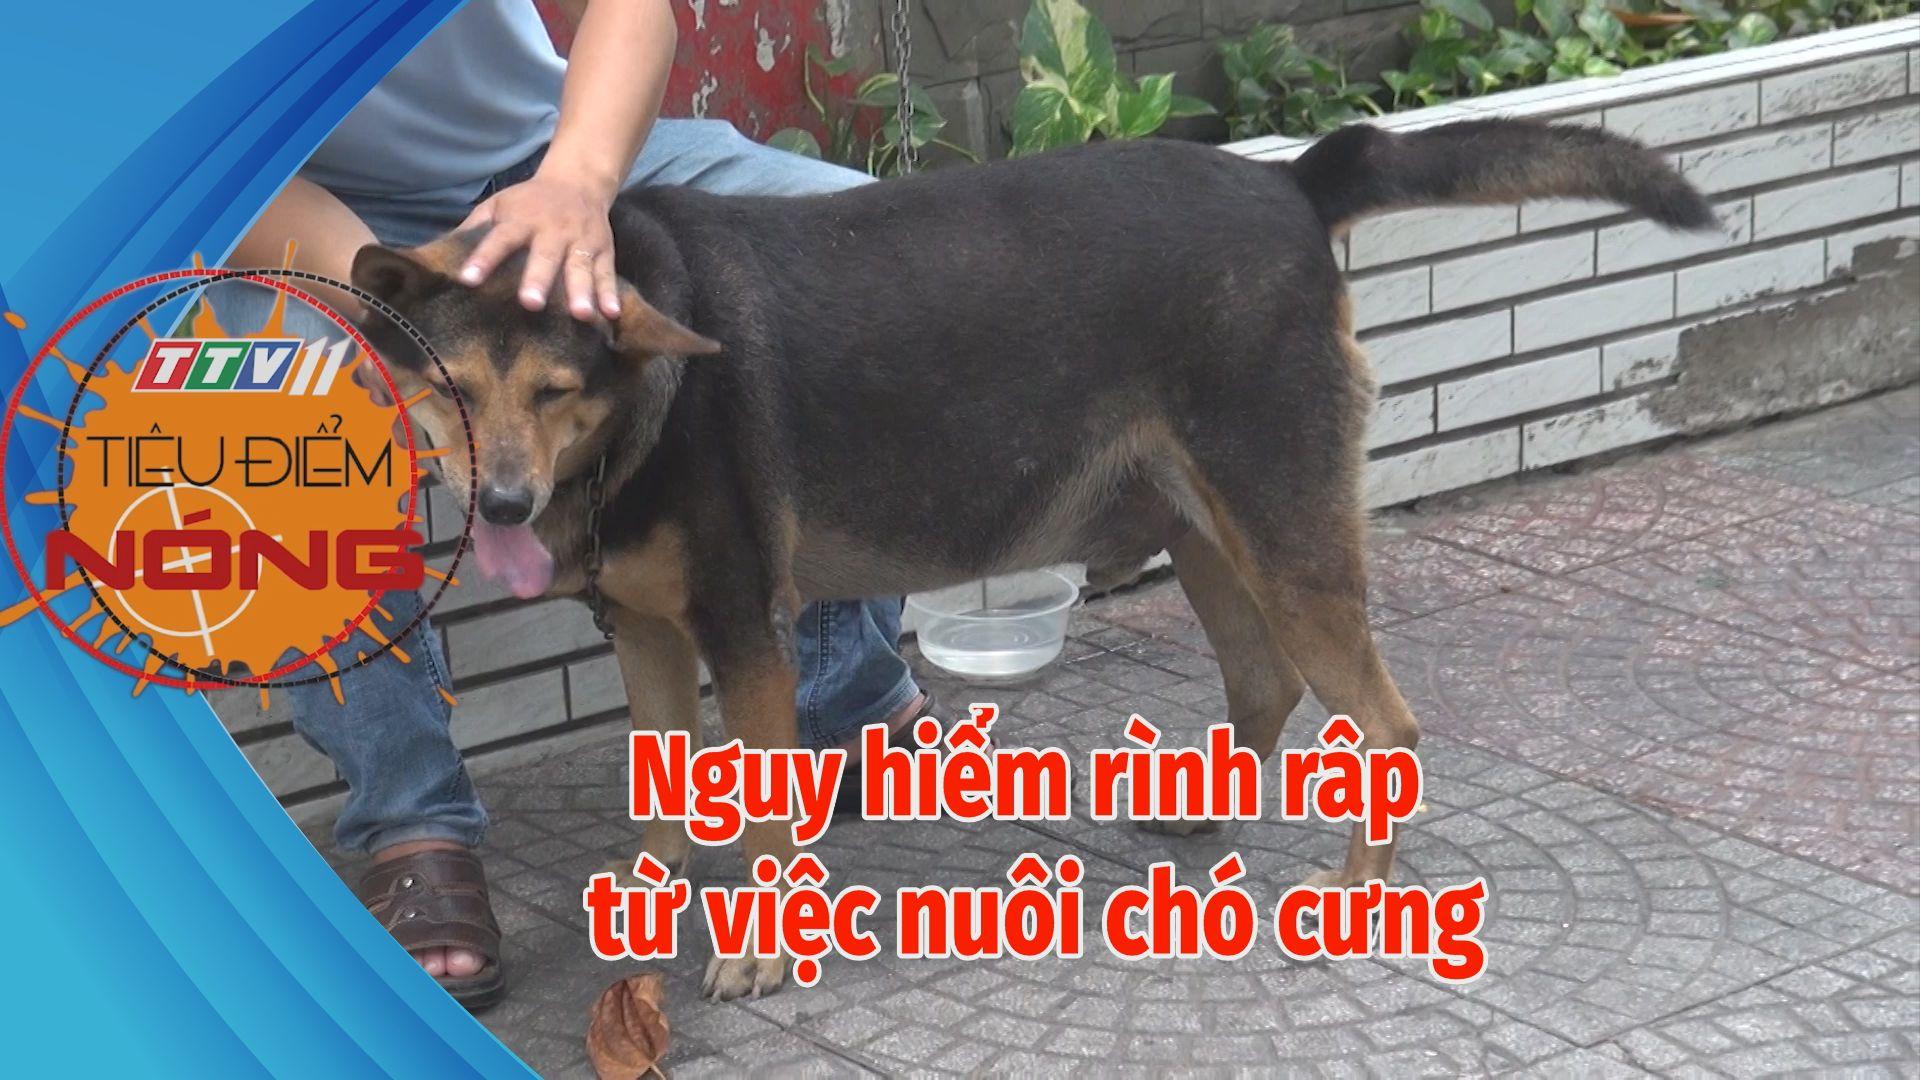 Nguy hiểm rình rập từ việc nuôi chó cưng | TIÊU ĐIỂM NÓNG | Tây Ninh TV